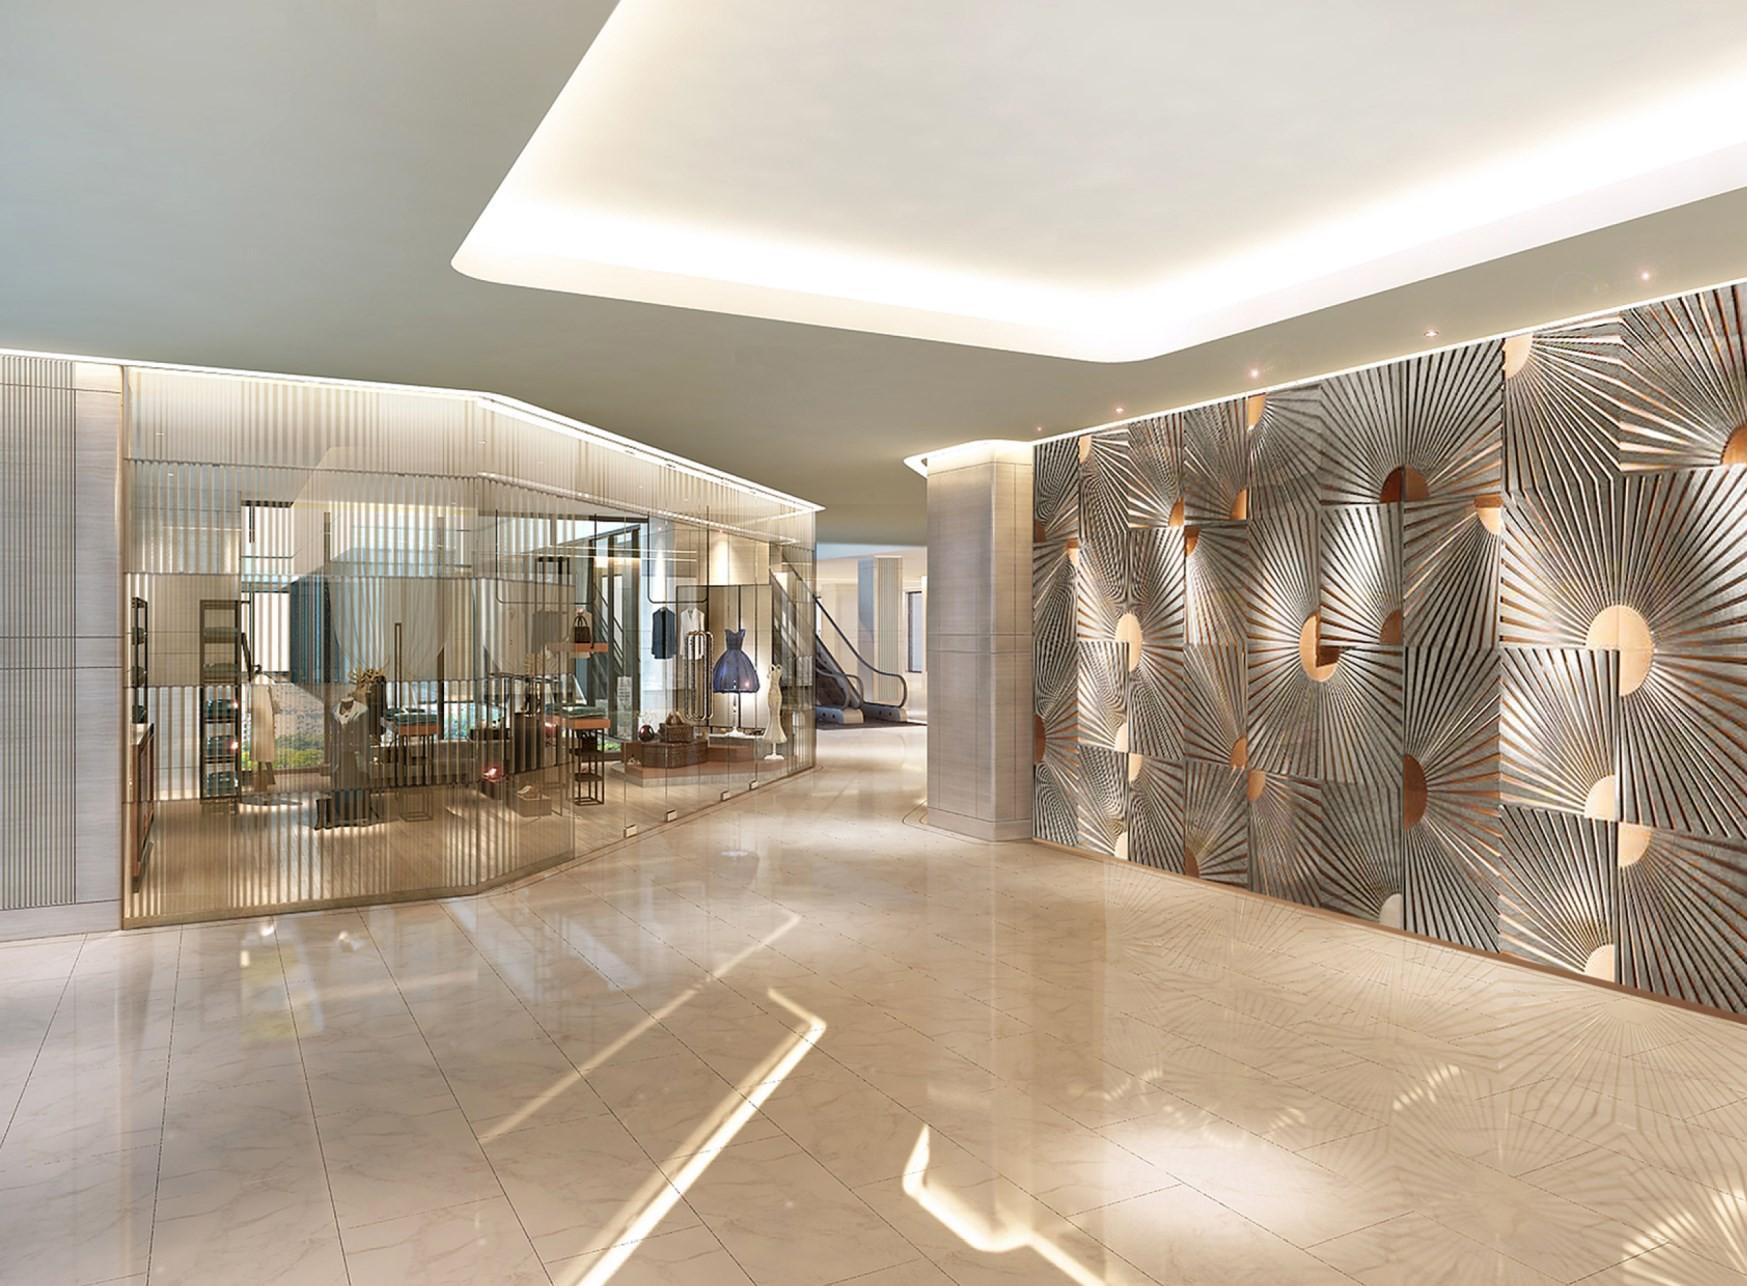 Khai trương trung tâm thương mại Sun Plaza đầu tiên tại Hà Nội - Ảnh 3.